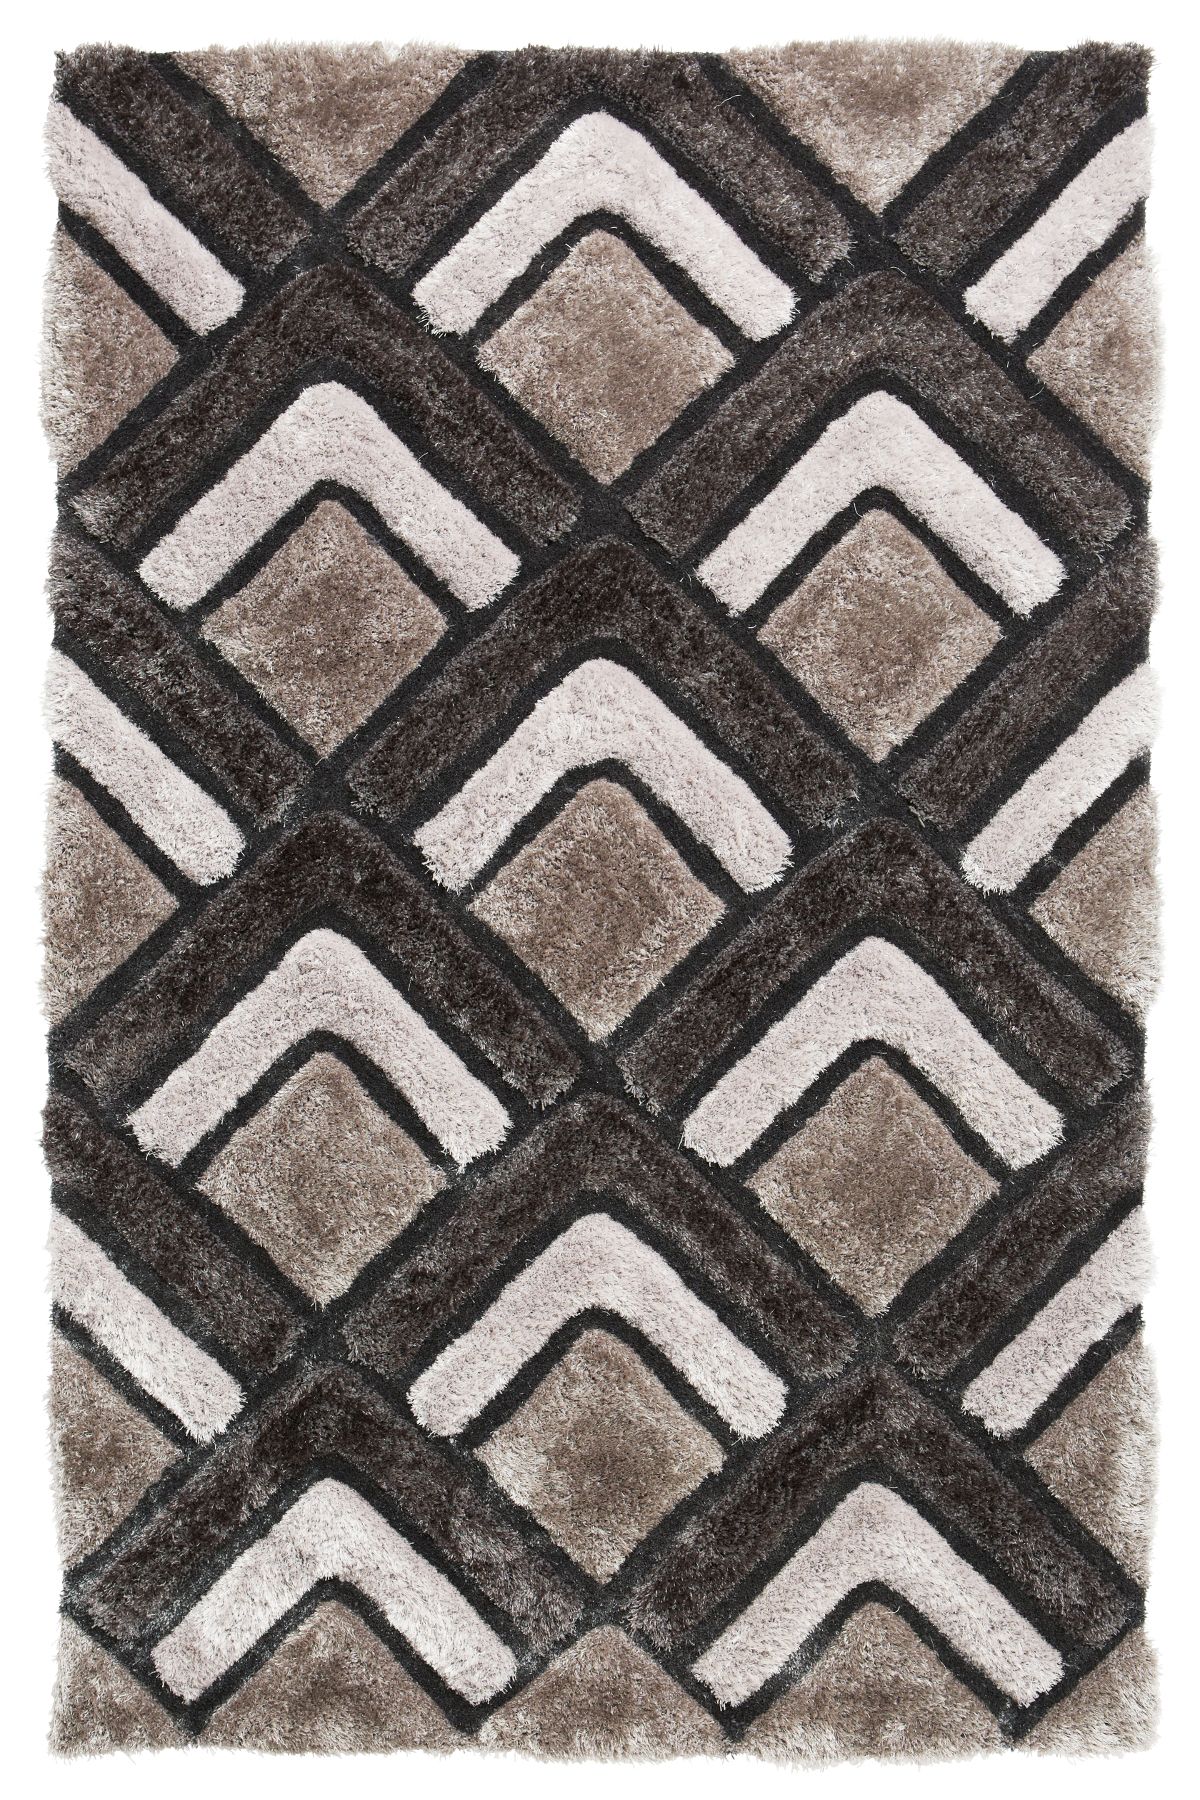 Silver Chevron Rug Shaggy Pile Le House Soft Hand Tufted Mat Home Décor